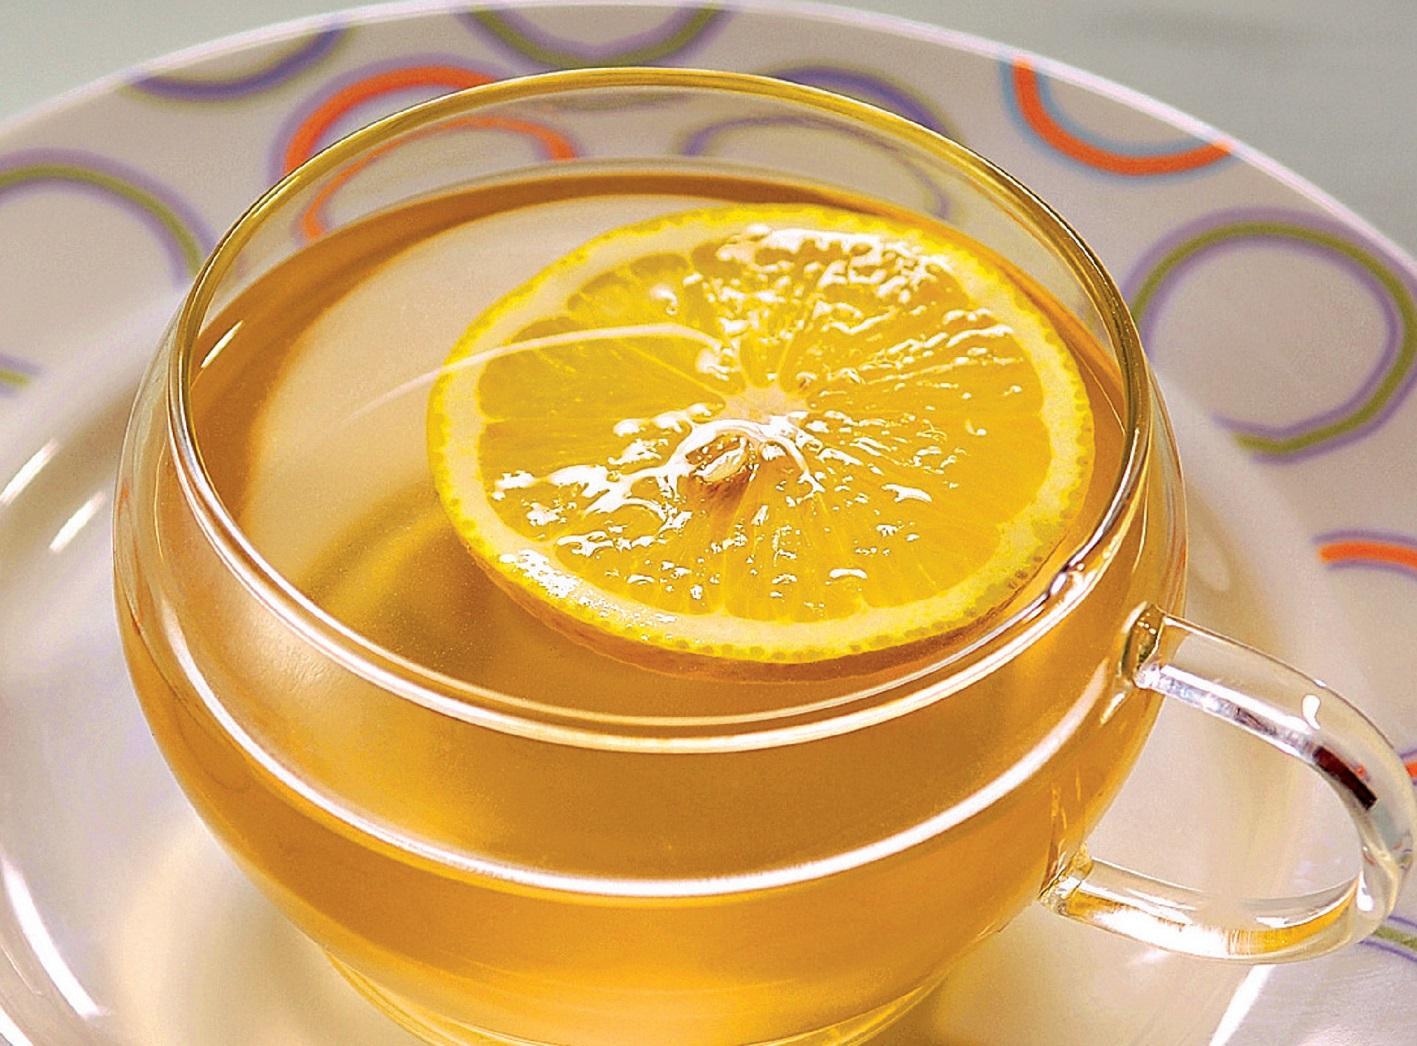 Как убрать живот: топ-5 напитков для плоского живота